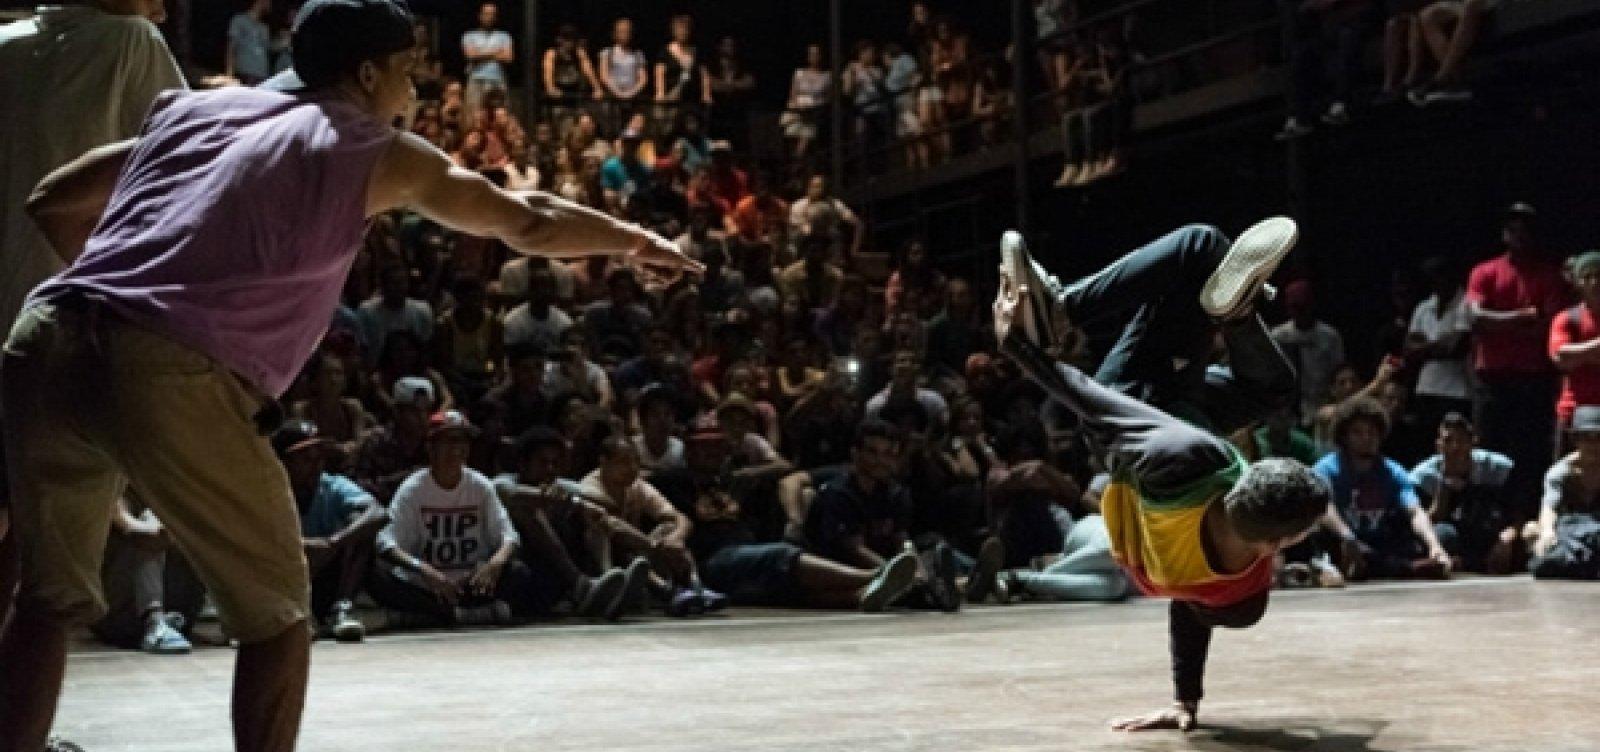 Virada Sustentável tem atrações musicais e atividades gratuitas; confira